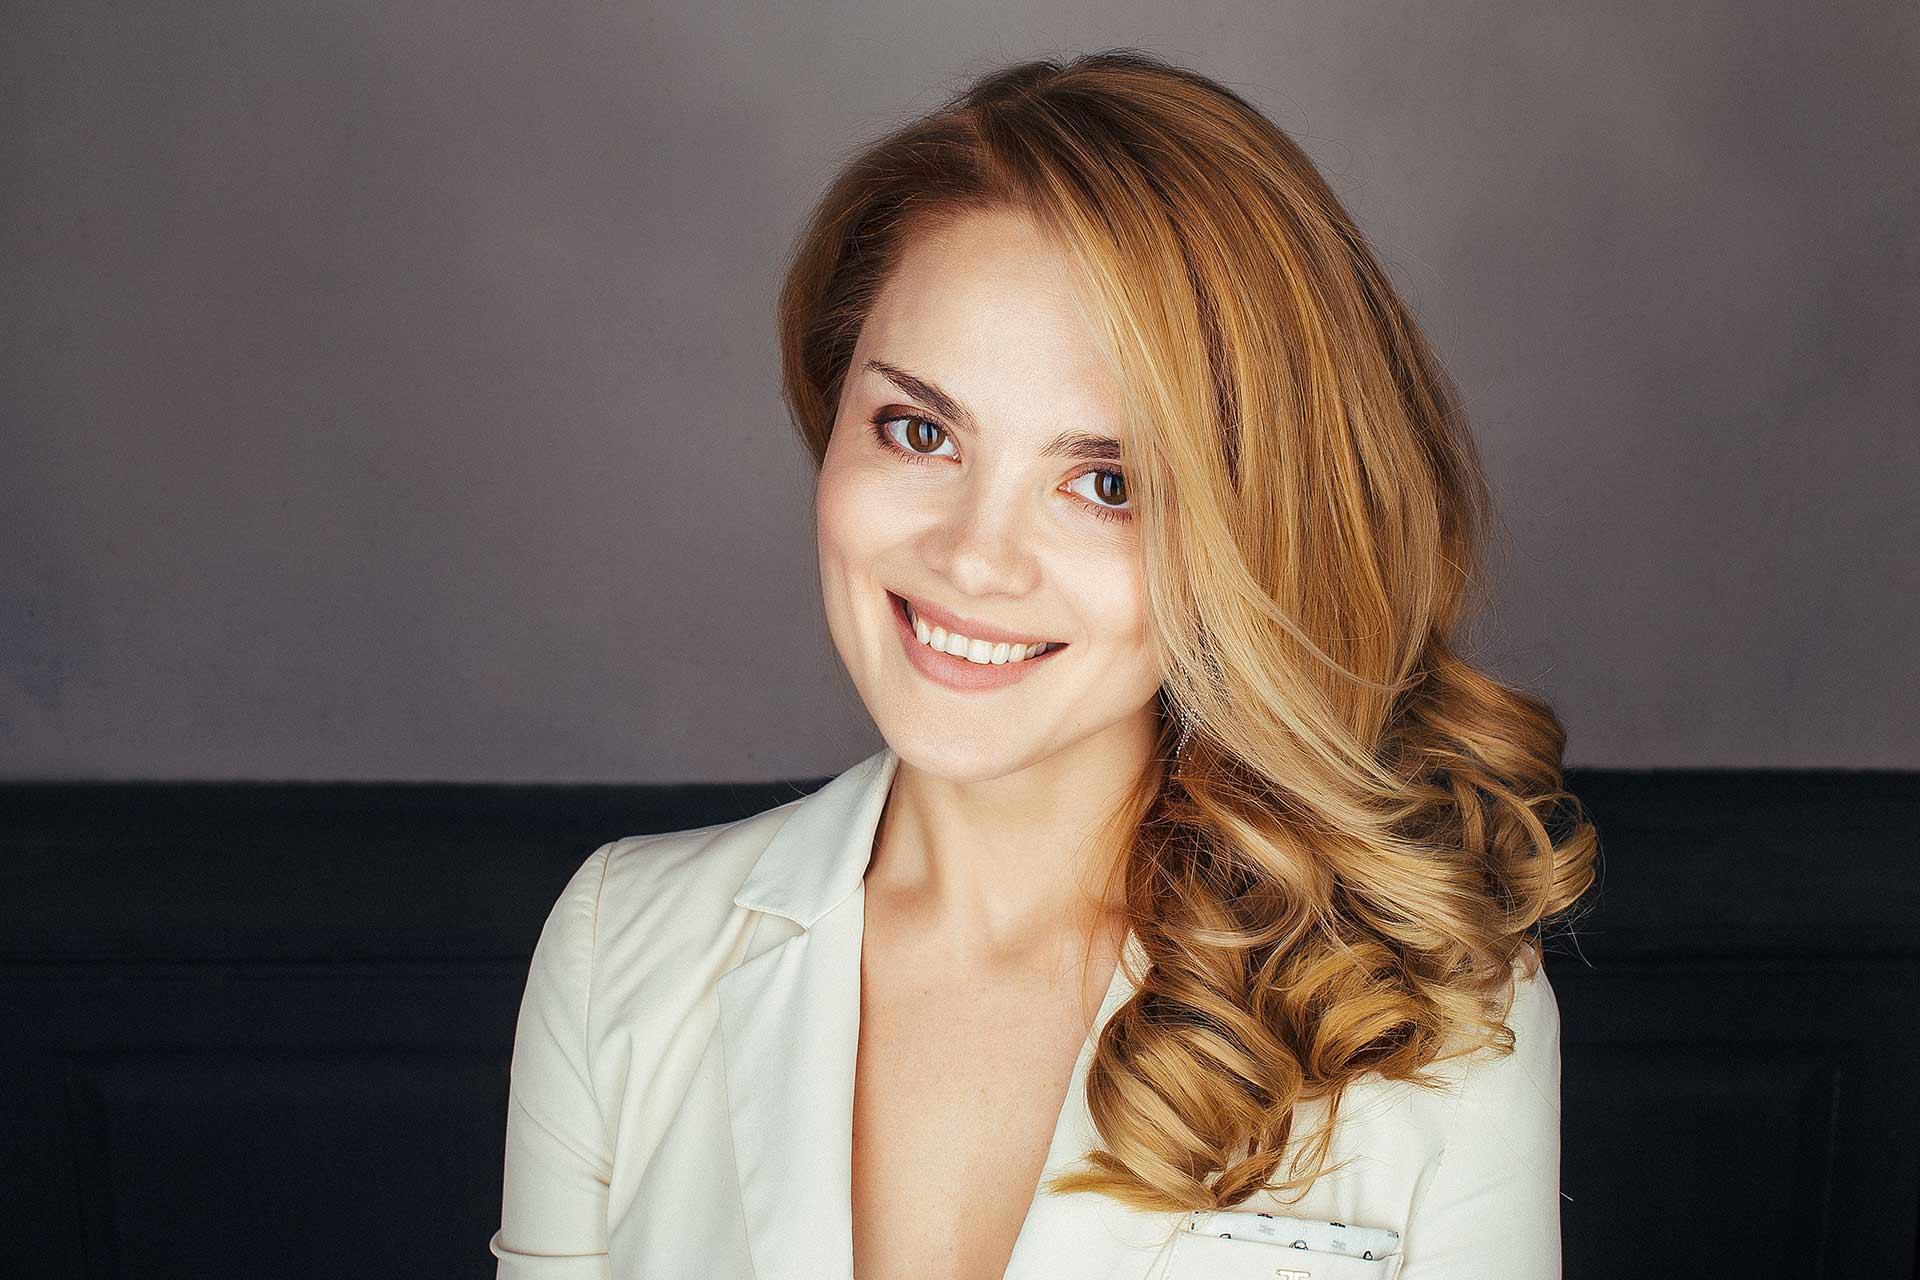 Кашицына Олеся, эксперт в области видеопроизводства (режиссура, видеомонтаж)